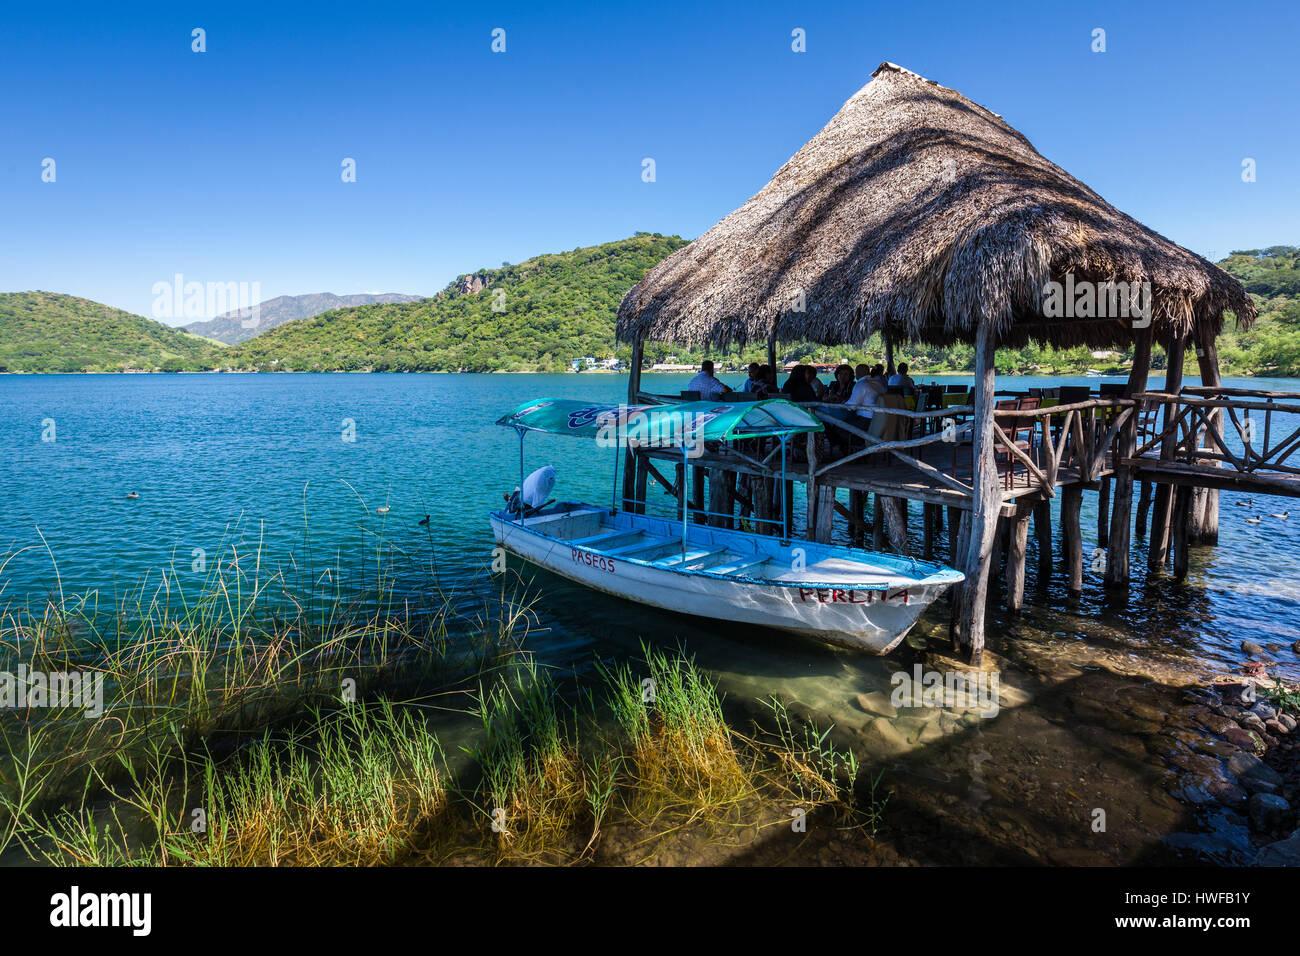 Palapa restaurante de mariscos en el lago de Santa María del Oro en Nayarit, México. Imagen De Stock